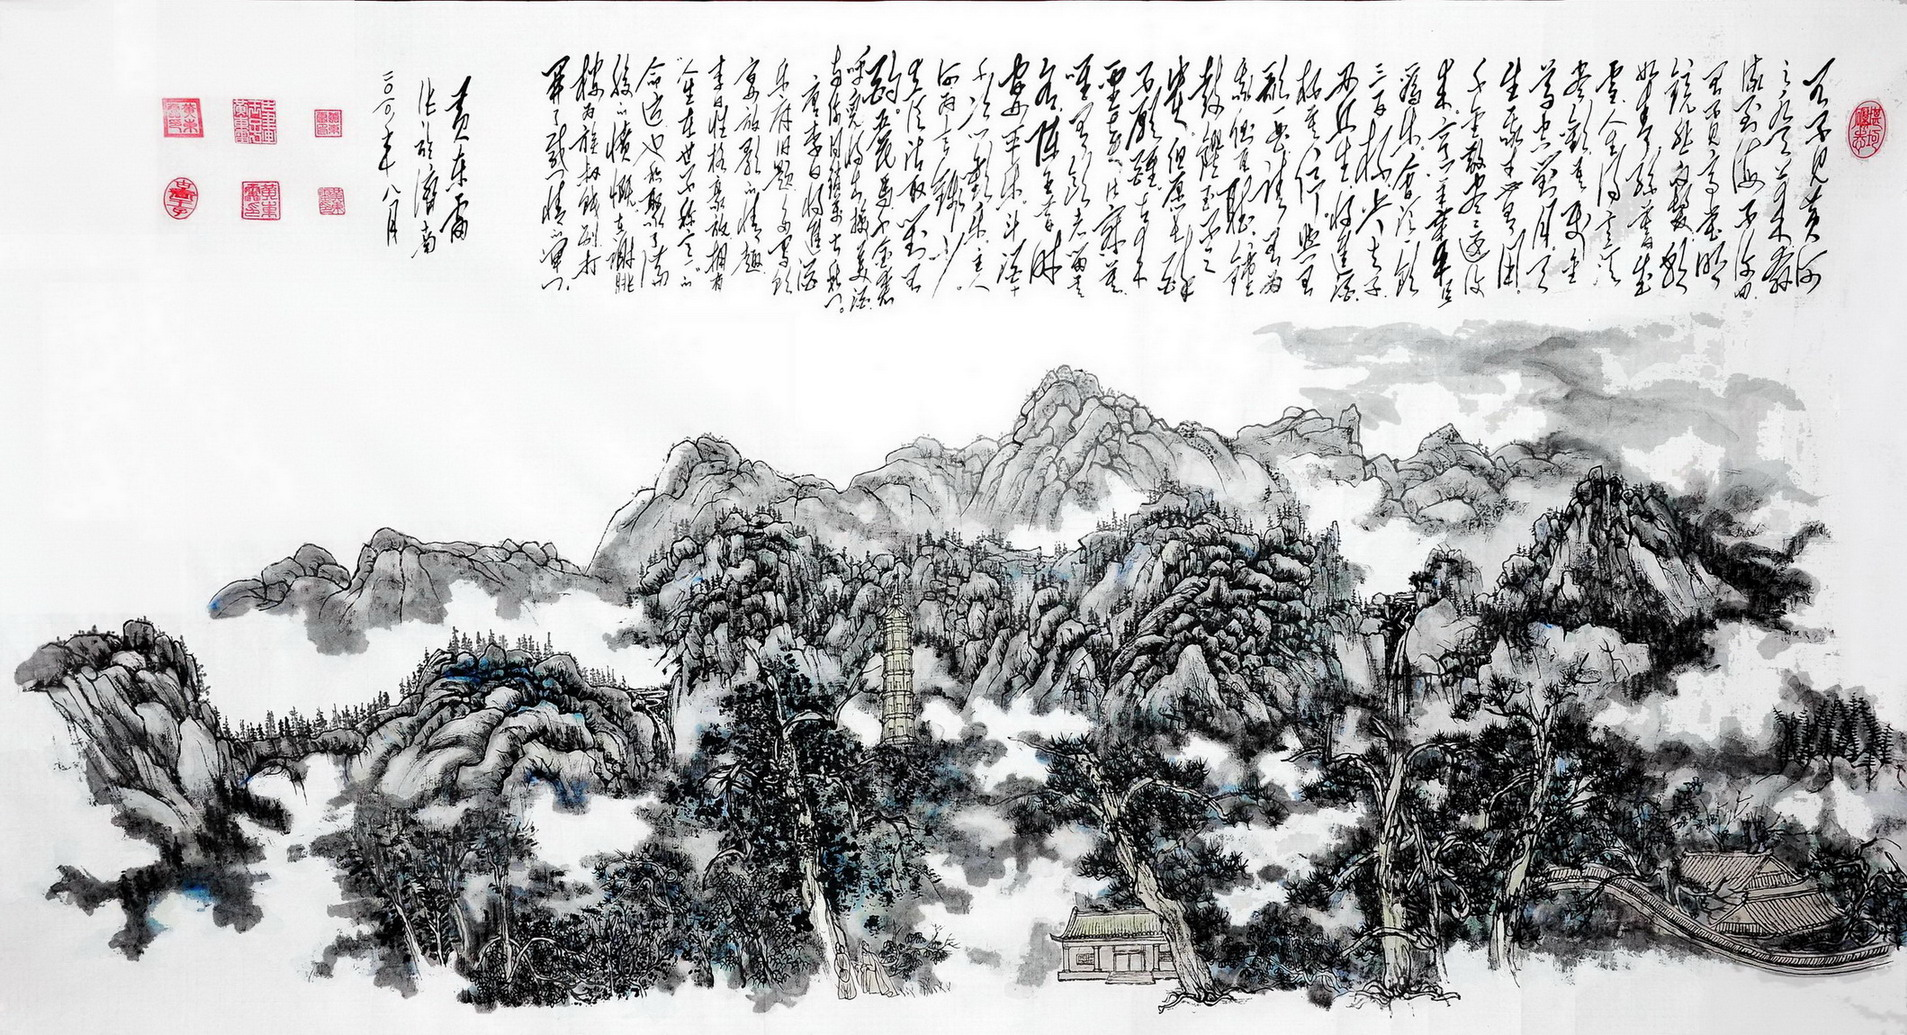 黄东雷山水画作品赏析